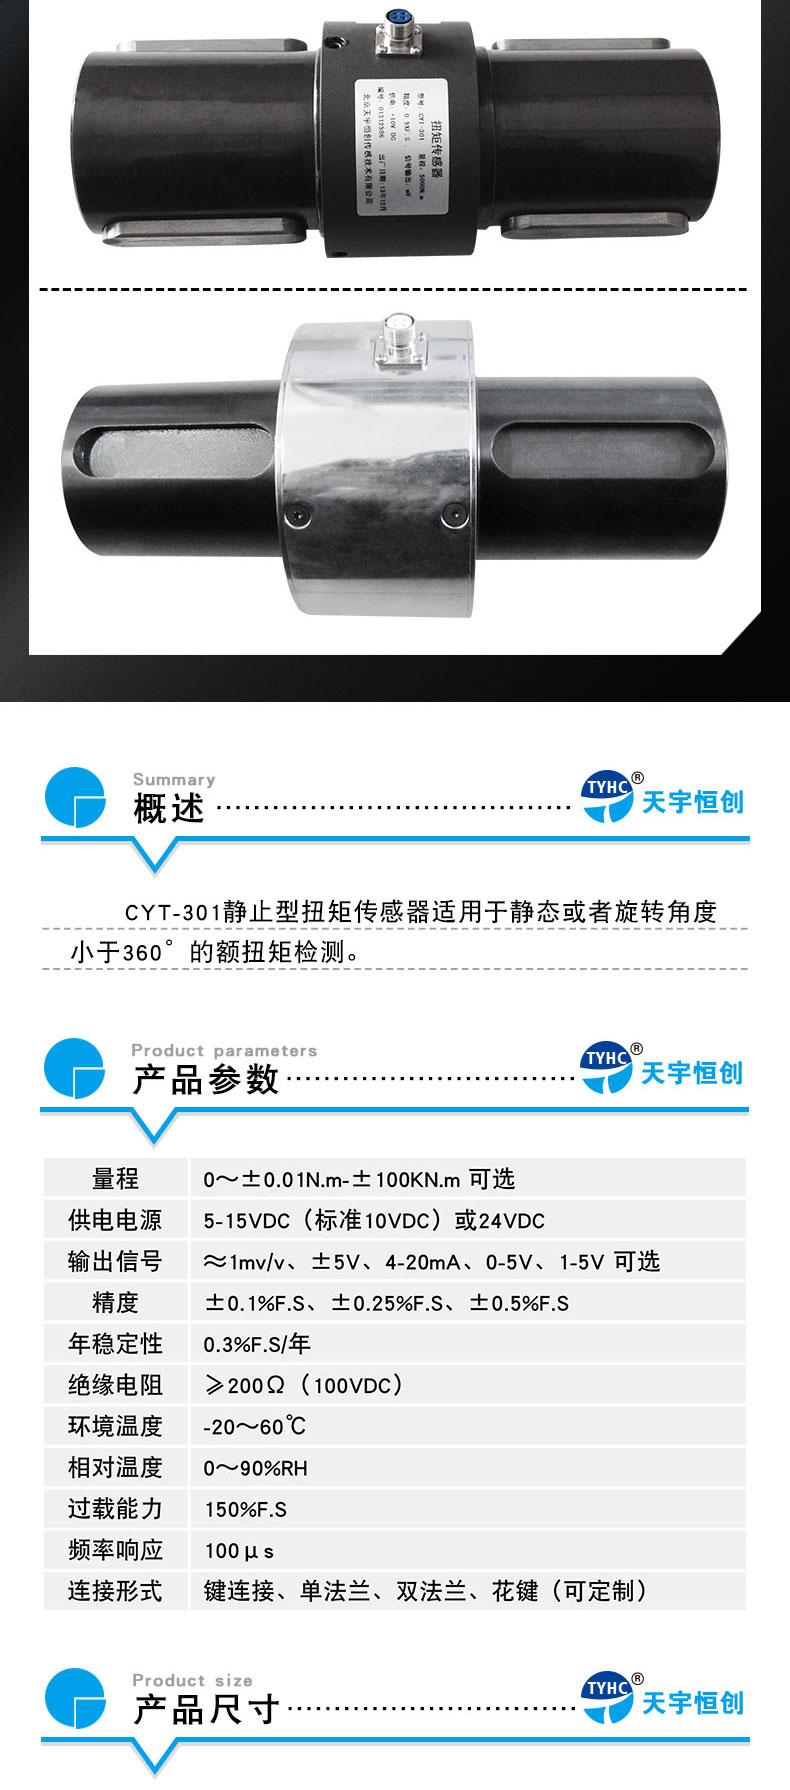 CYT-301 静态扭矩传感器